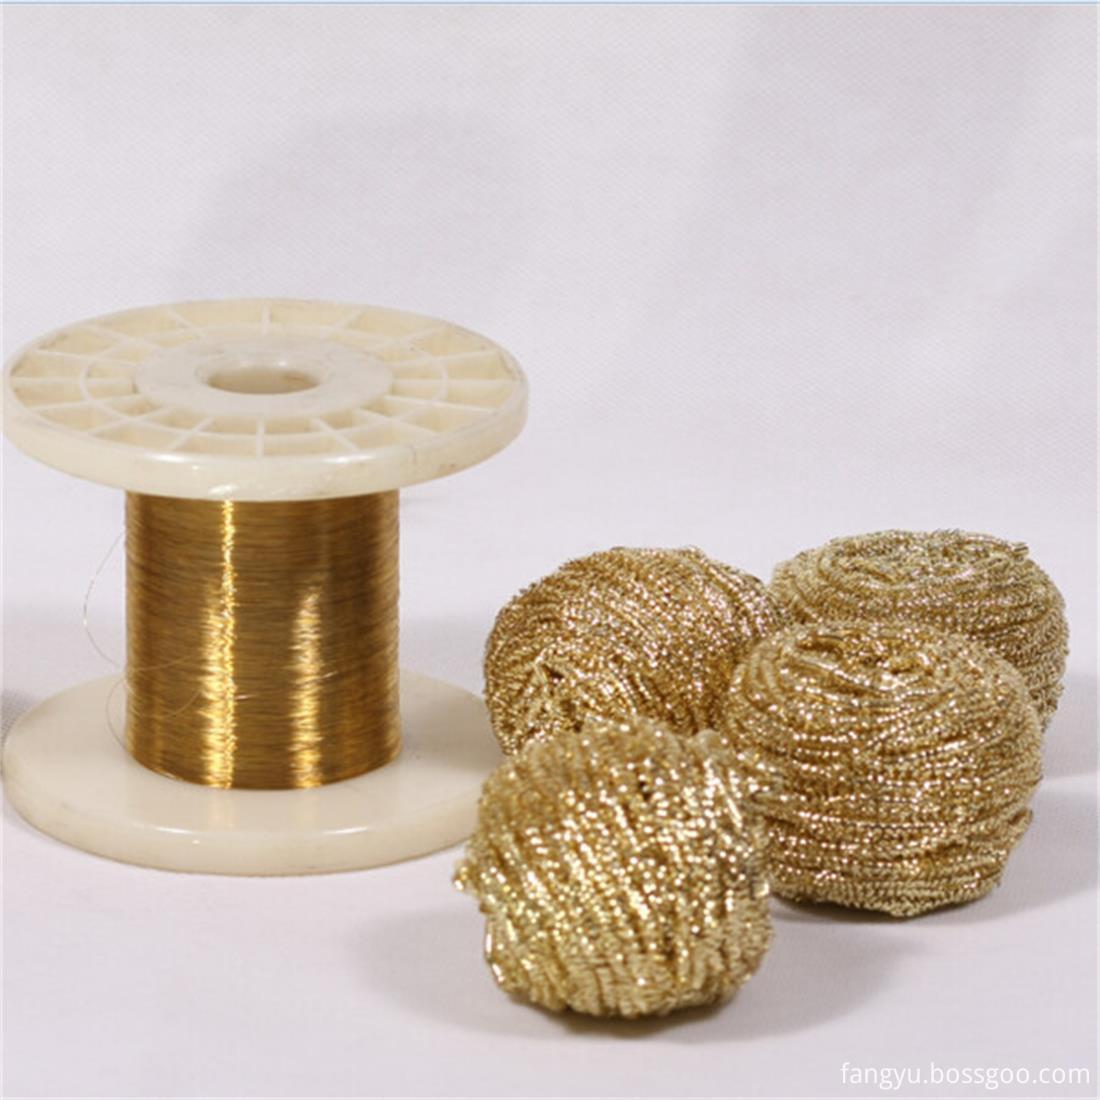 H65 copper wire